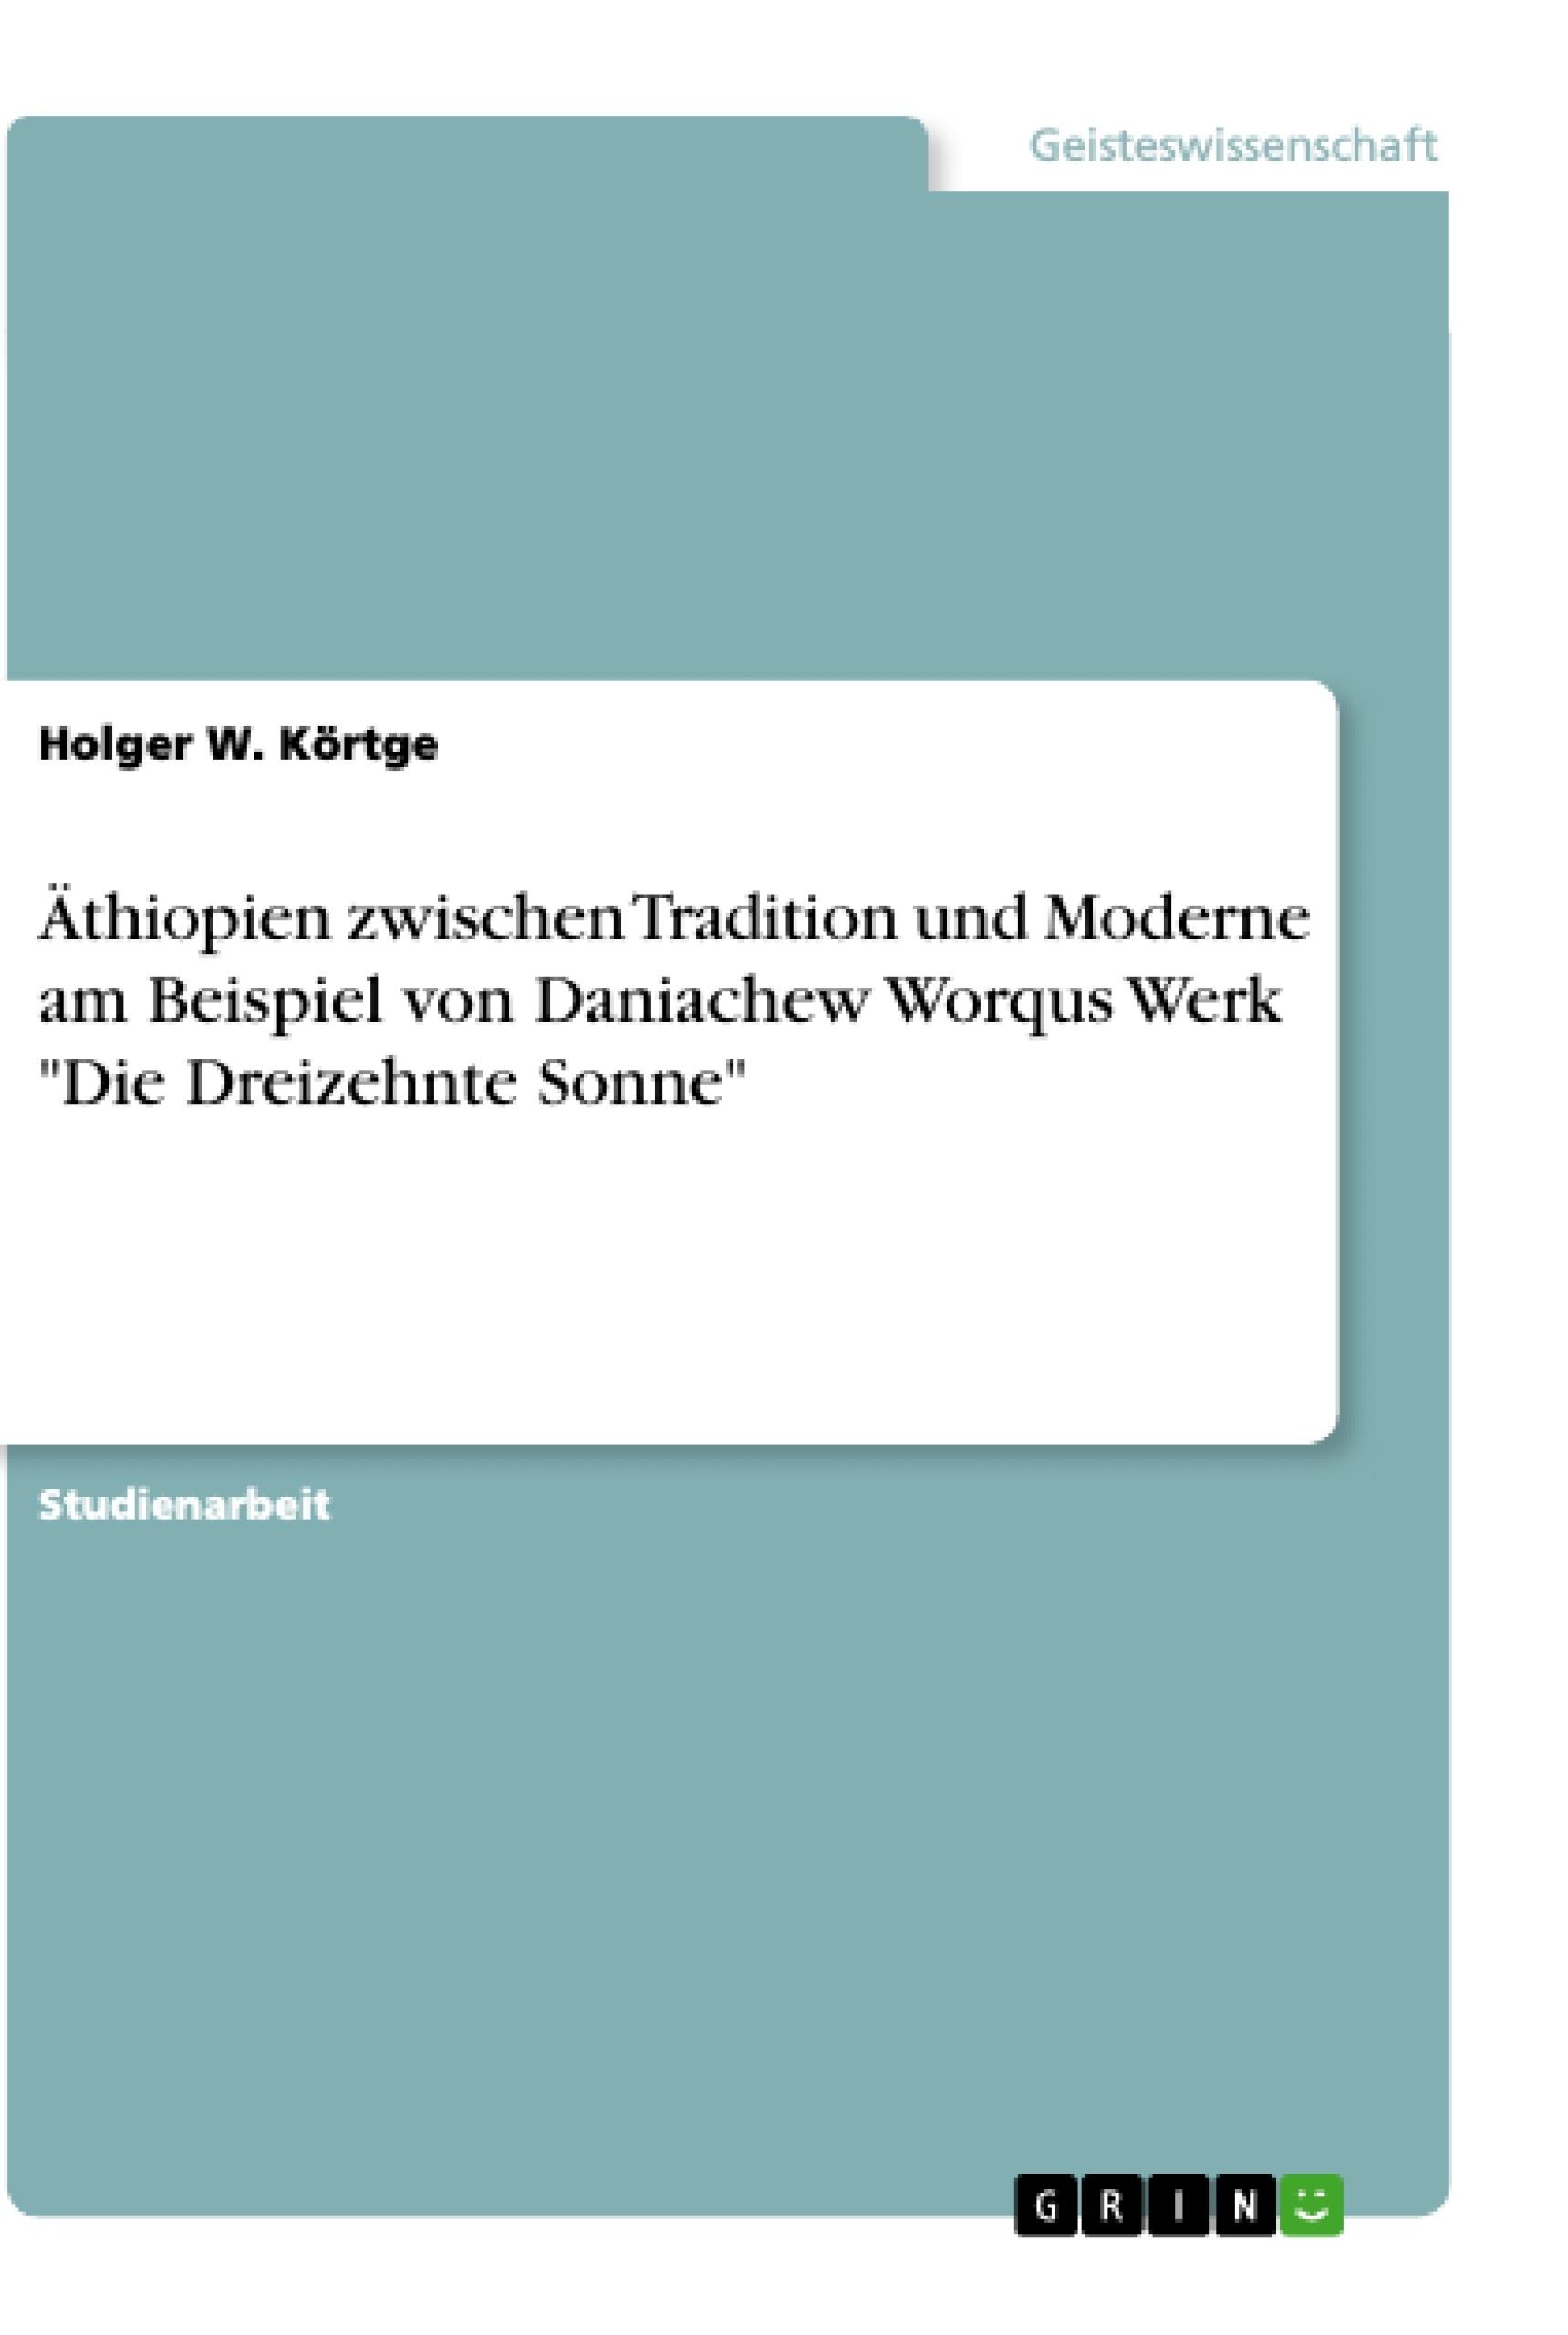 """Titel: Äthiopien zwischen Tradition und Moderne am Beispiel von Daniachew Worqus Werk """"Die Dreizehnte Sonne"""""""